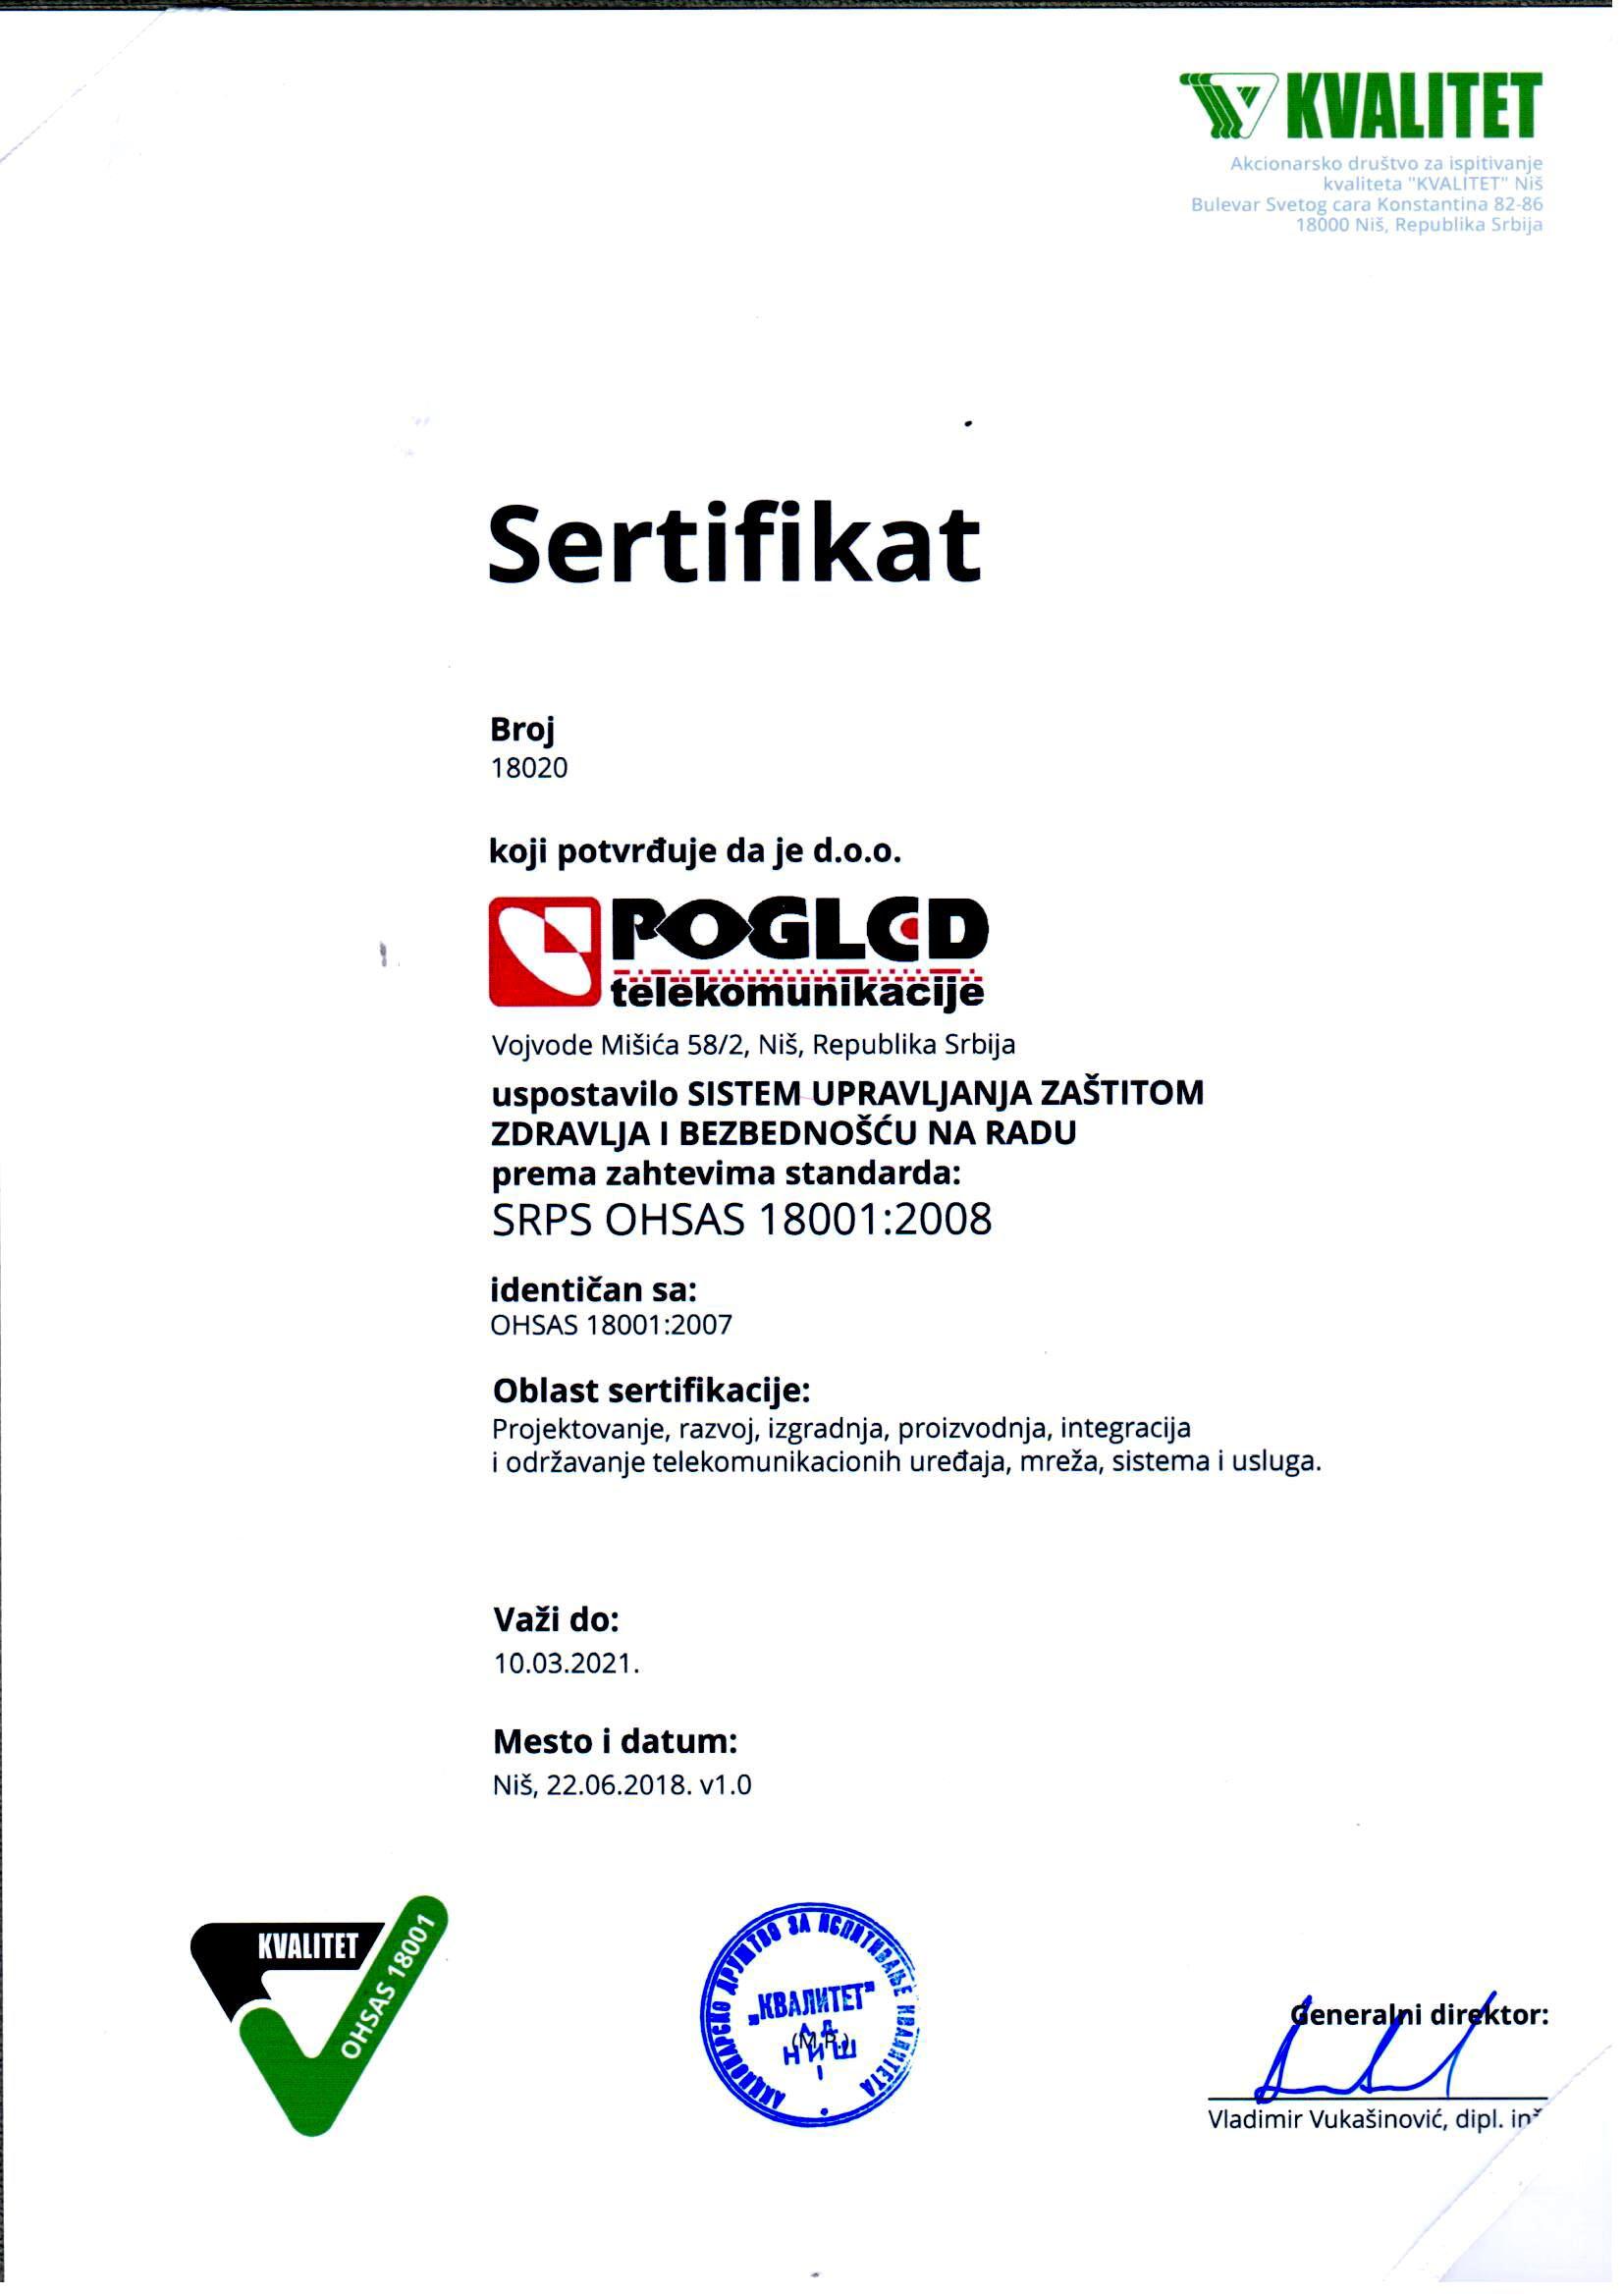 Sertifikat-18001.jpg